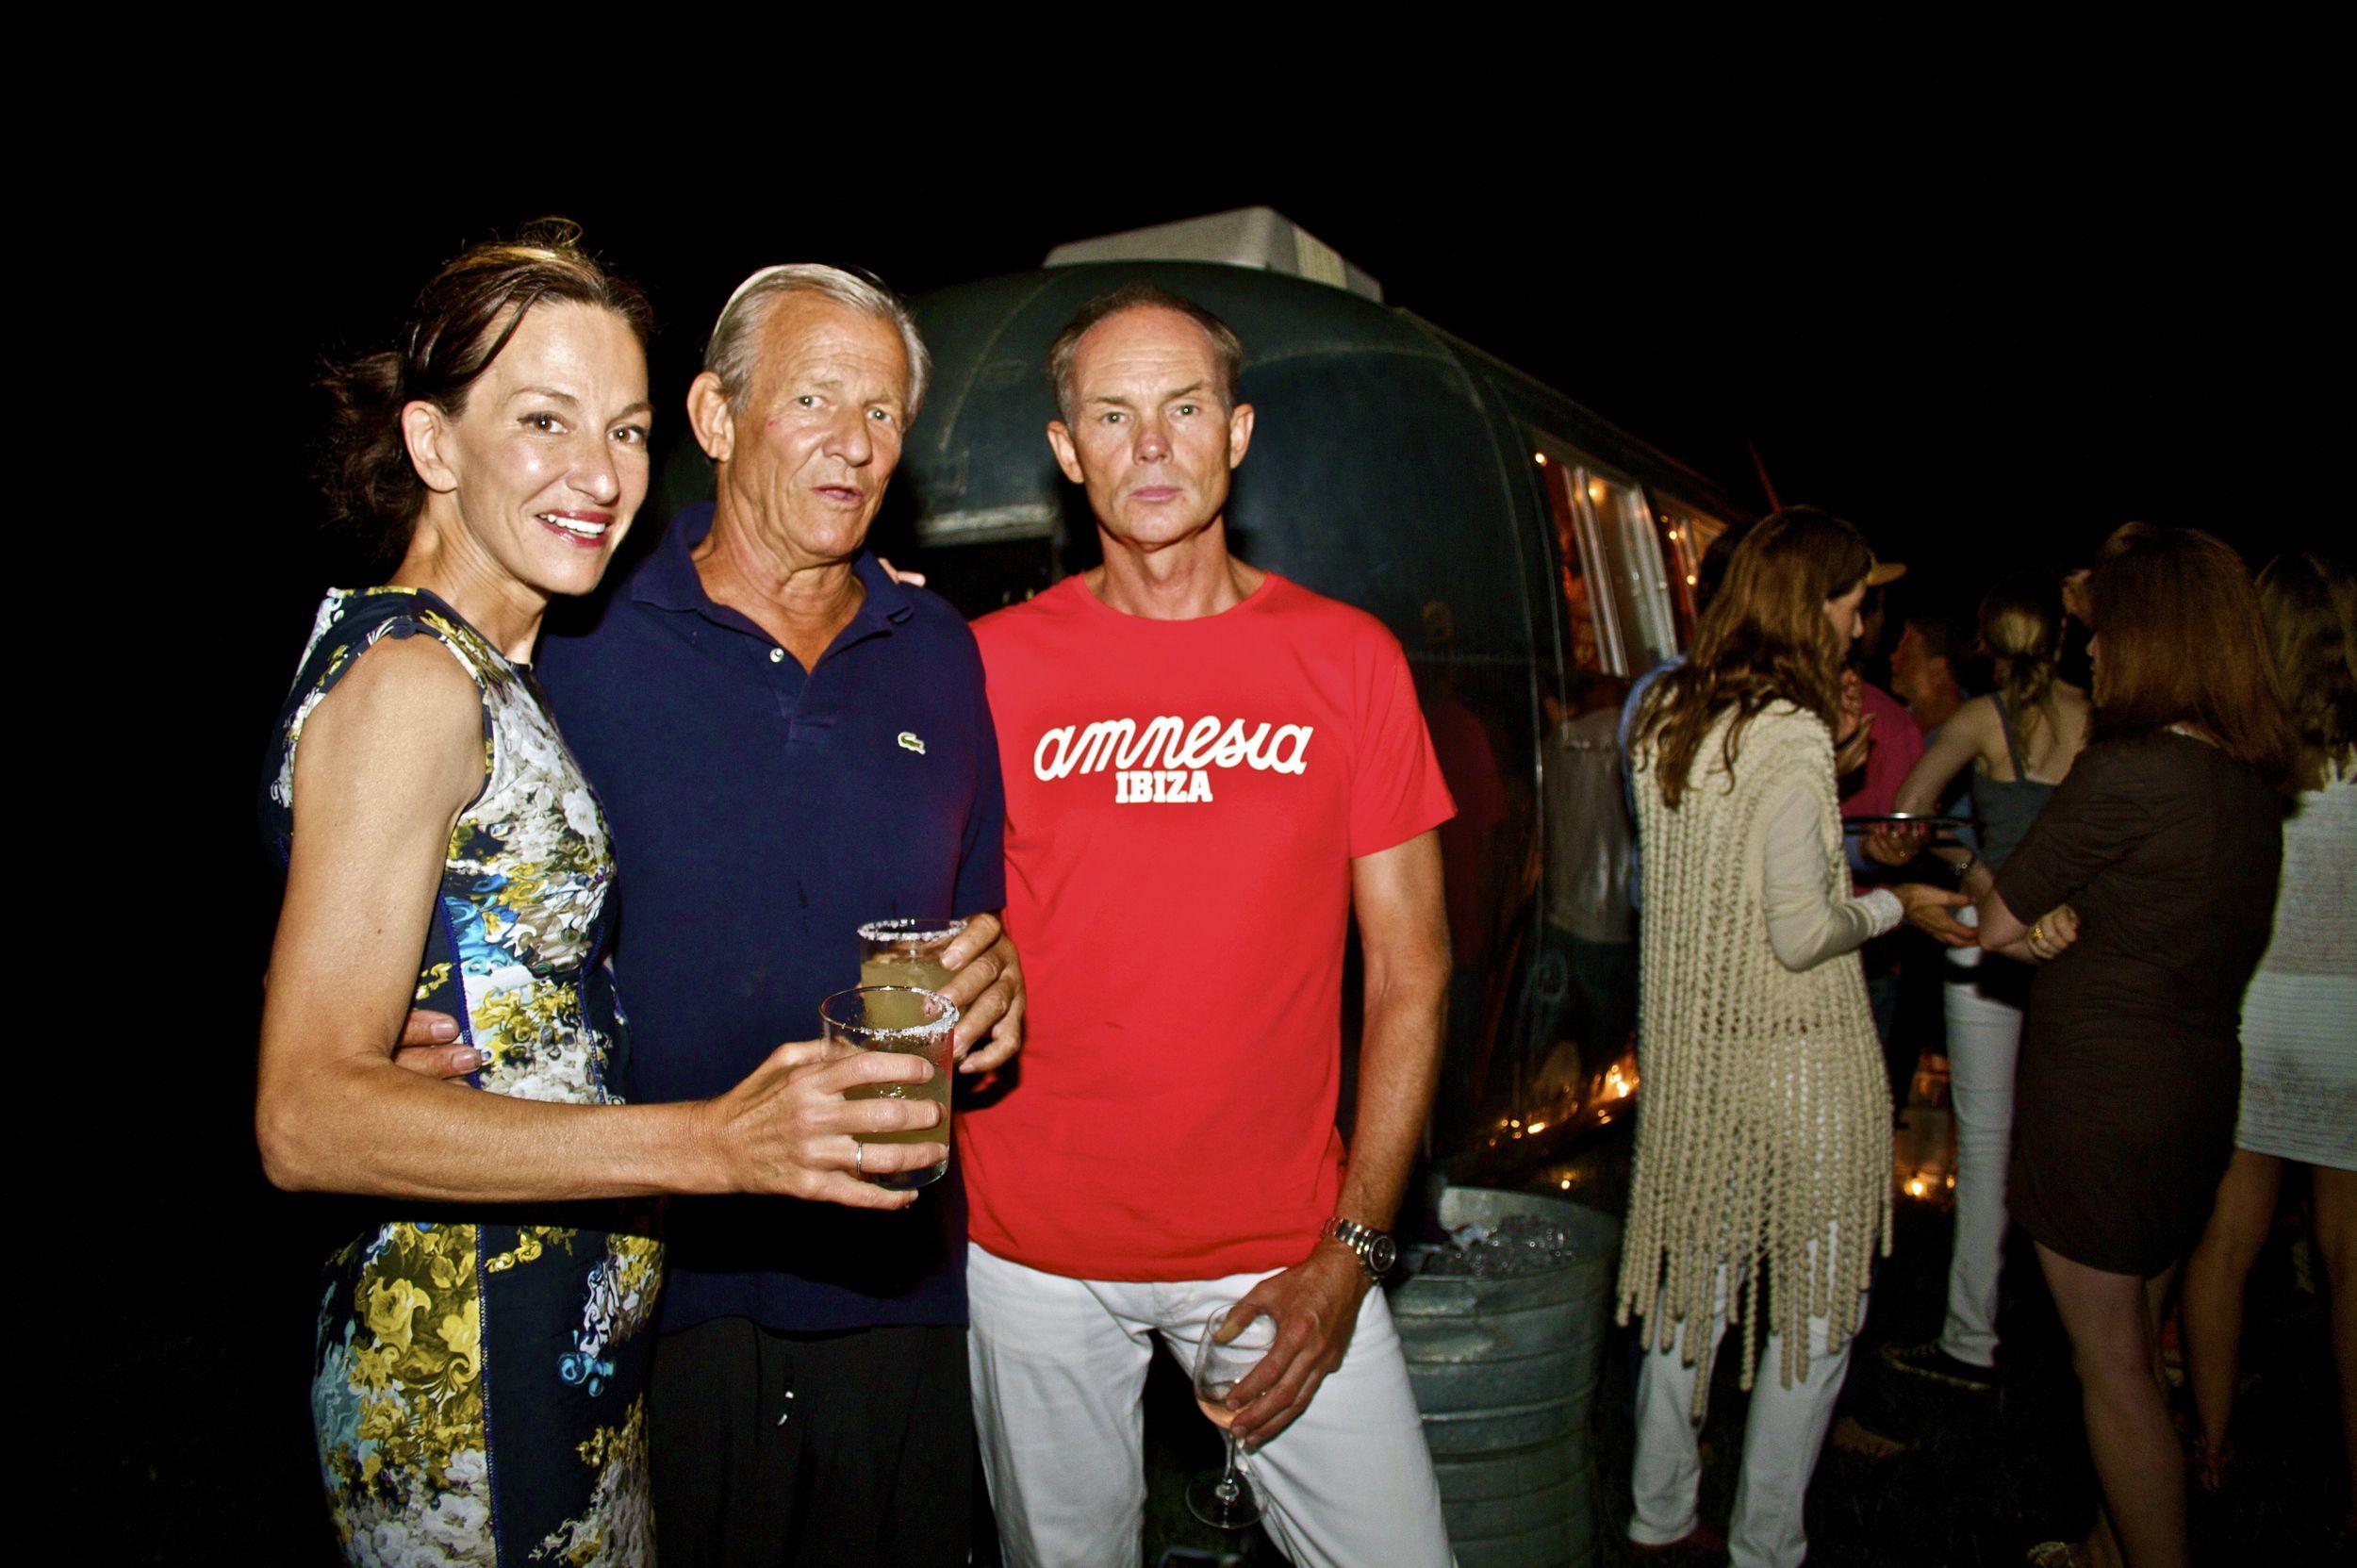 Cynthia Rowley, Petter Beard & friends in Montauk, NY Summer 2012